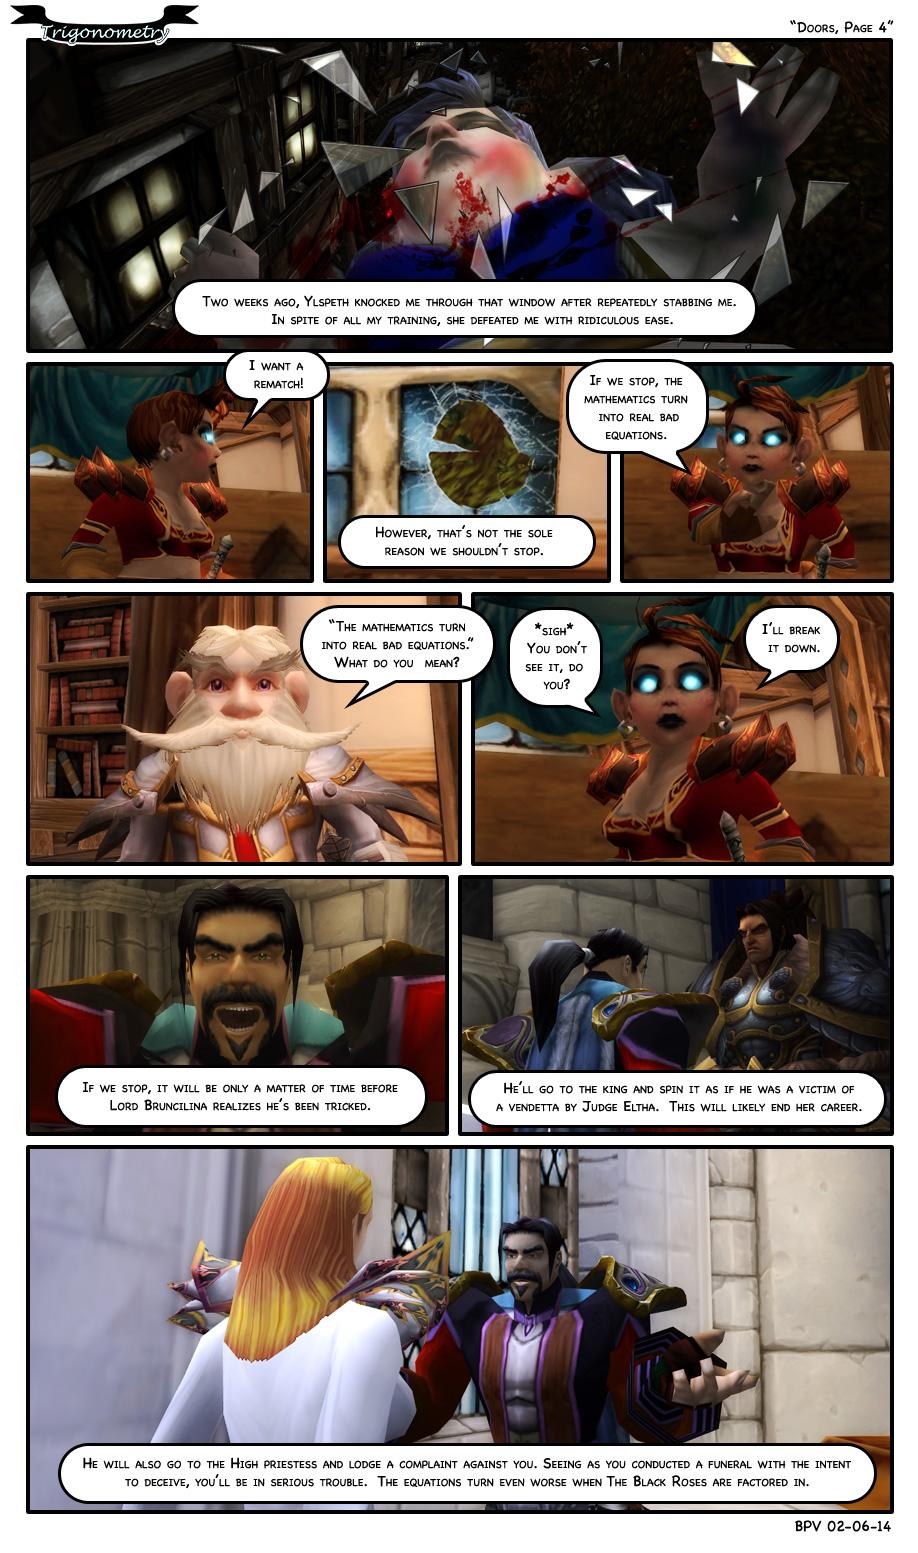 Doors, Page 4